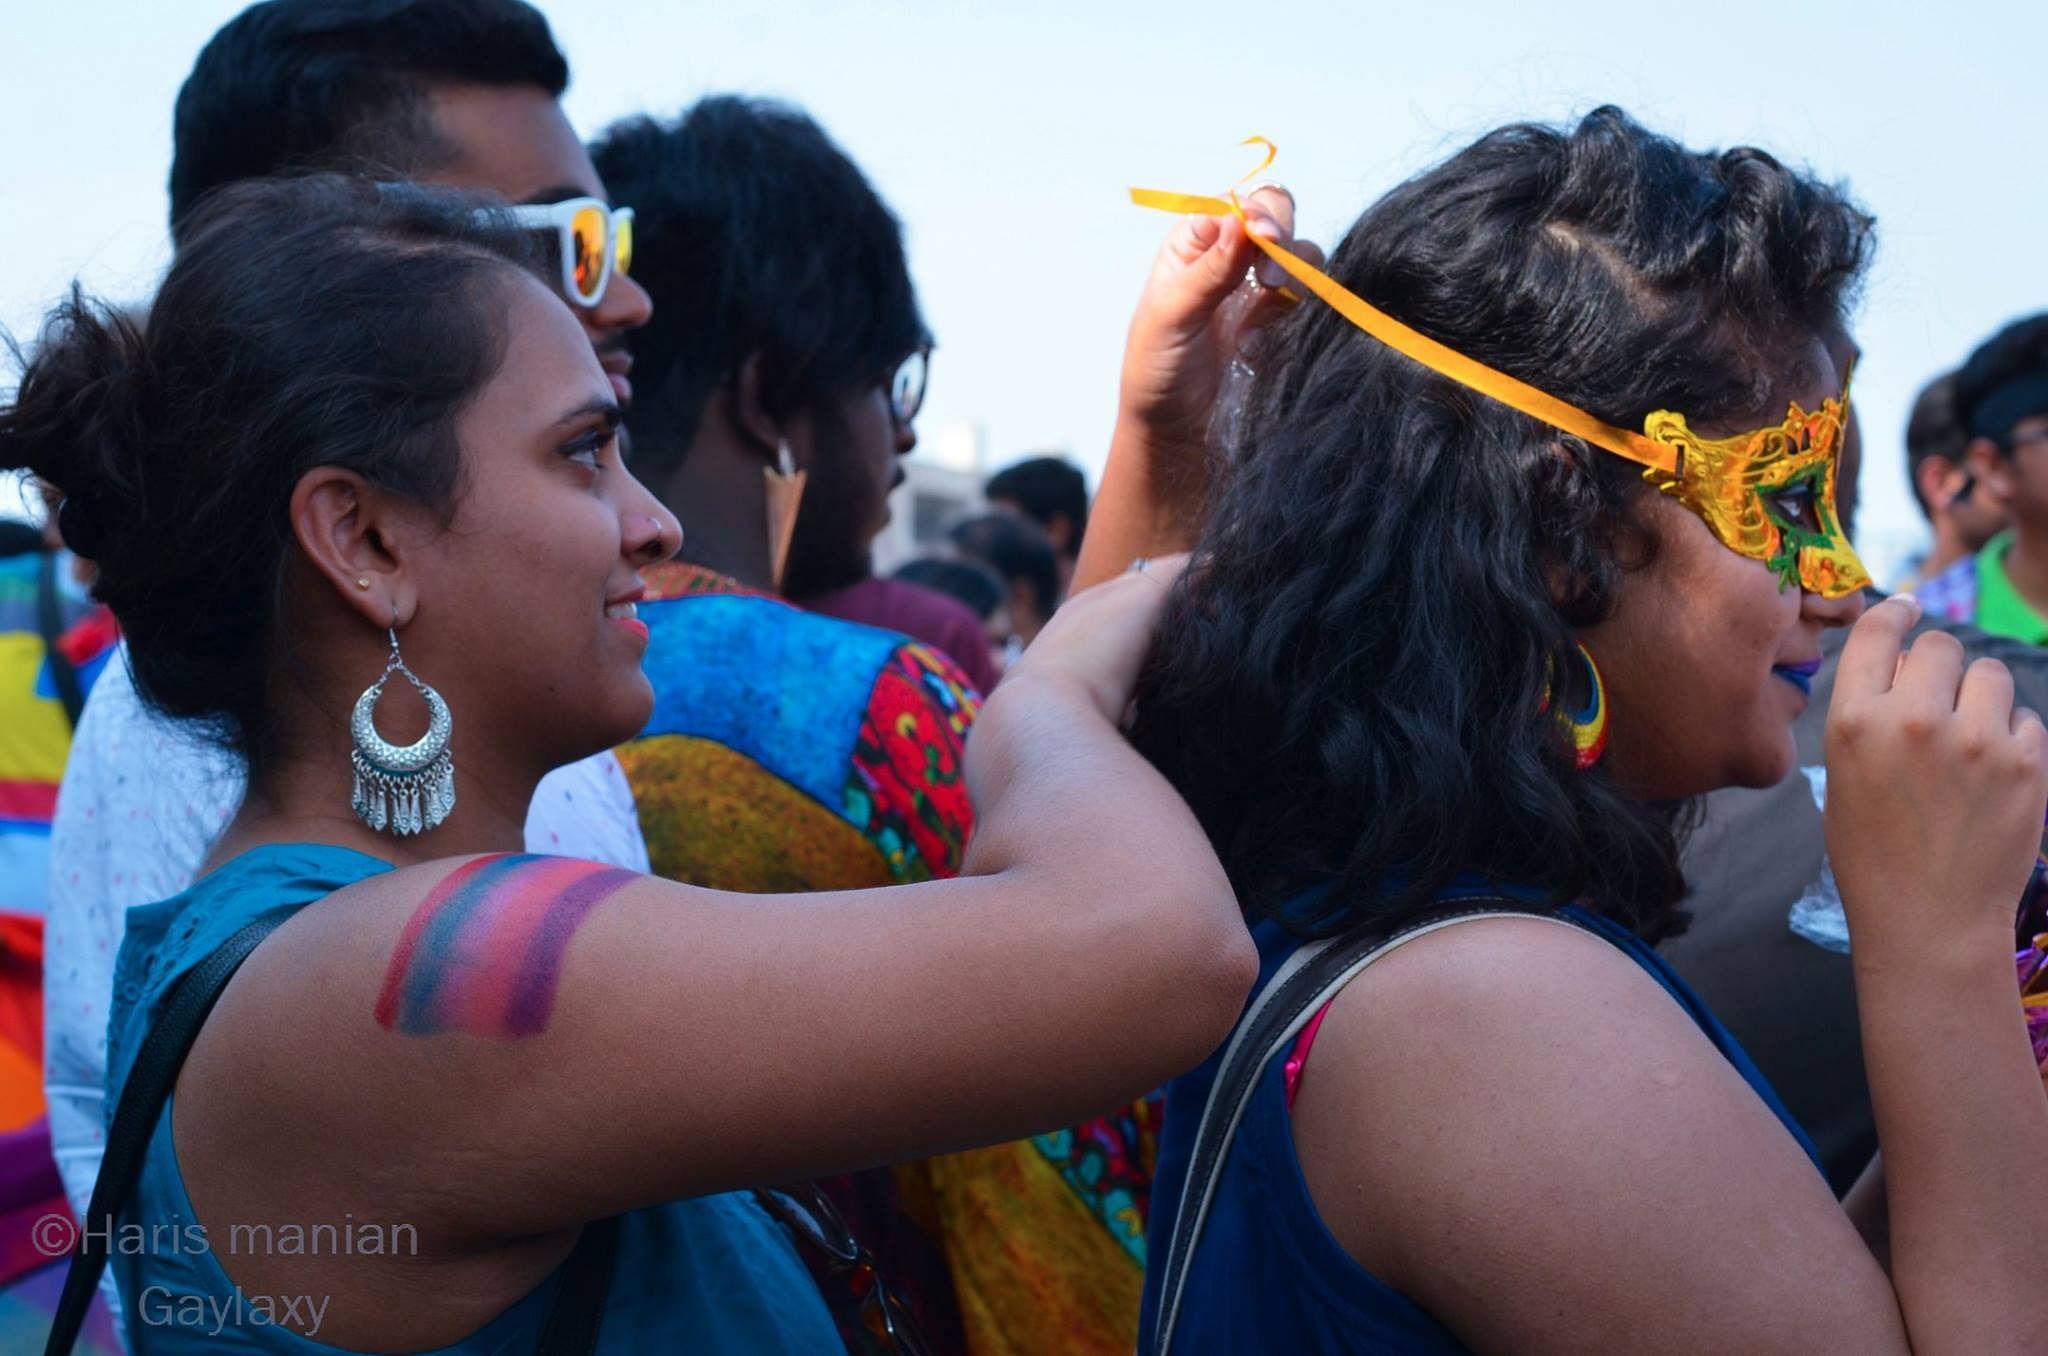 pride-pic-haris-maniyan